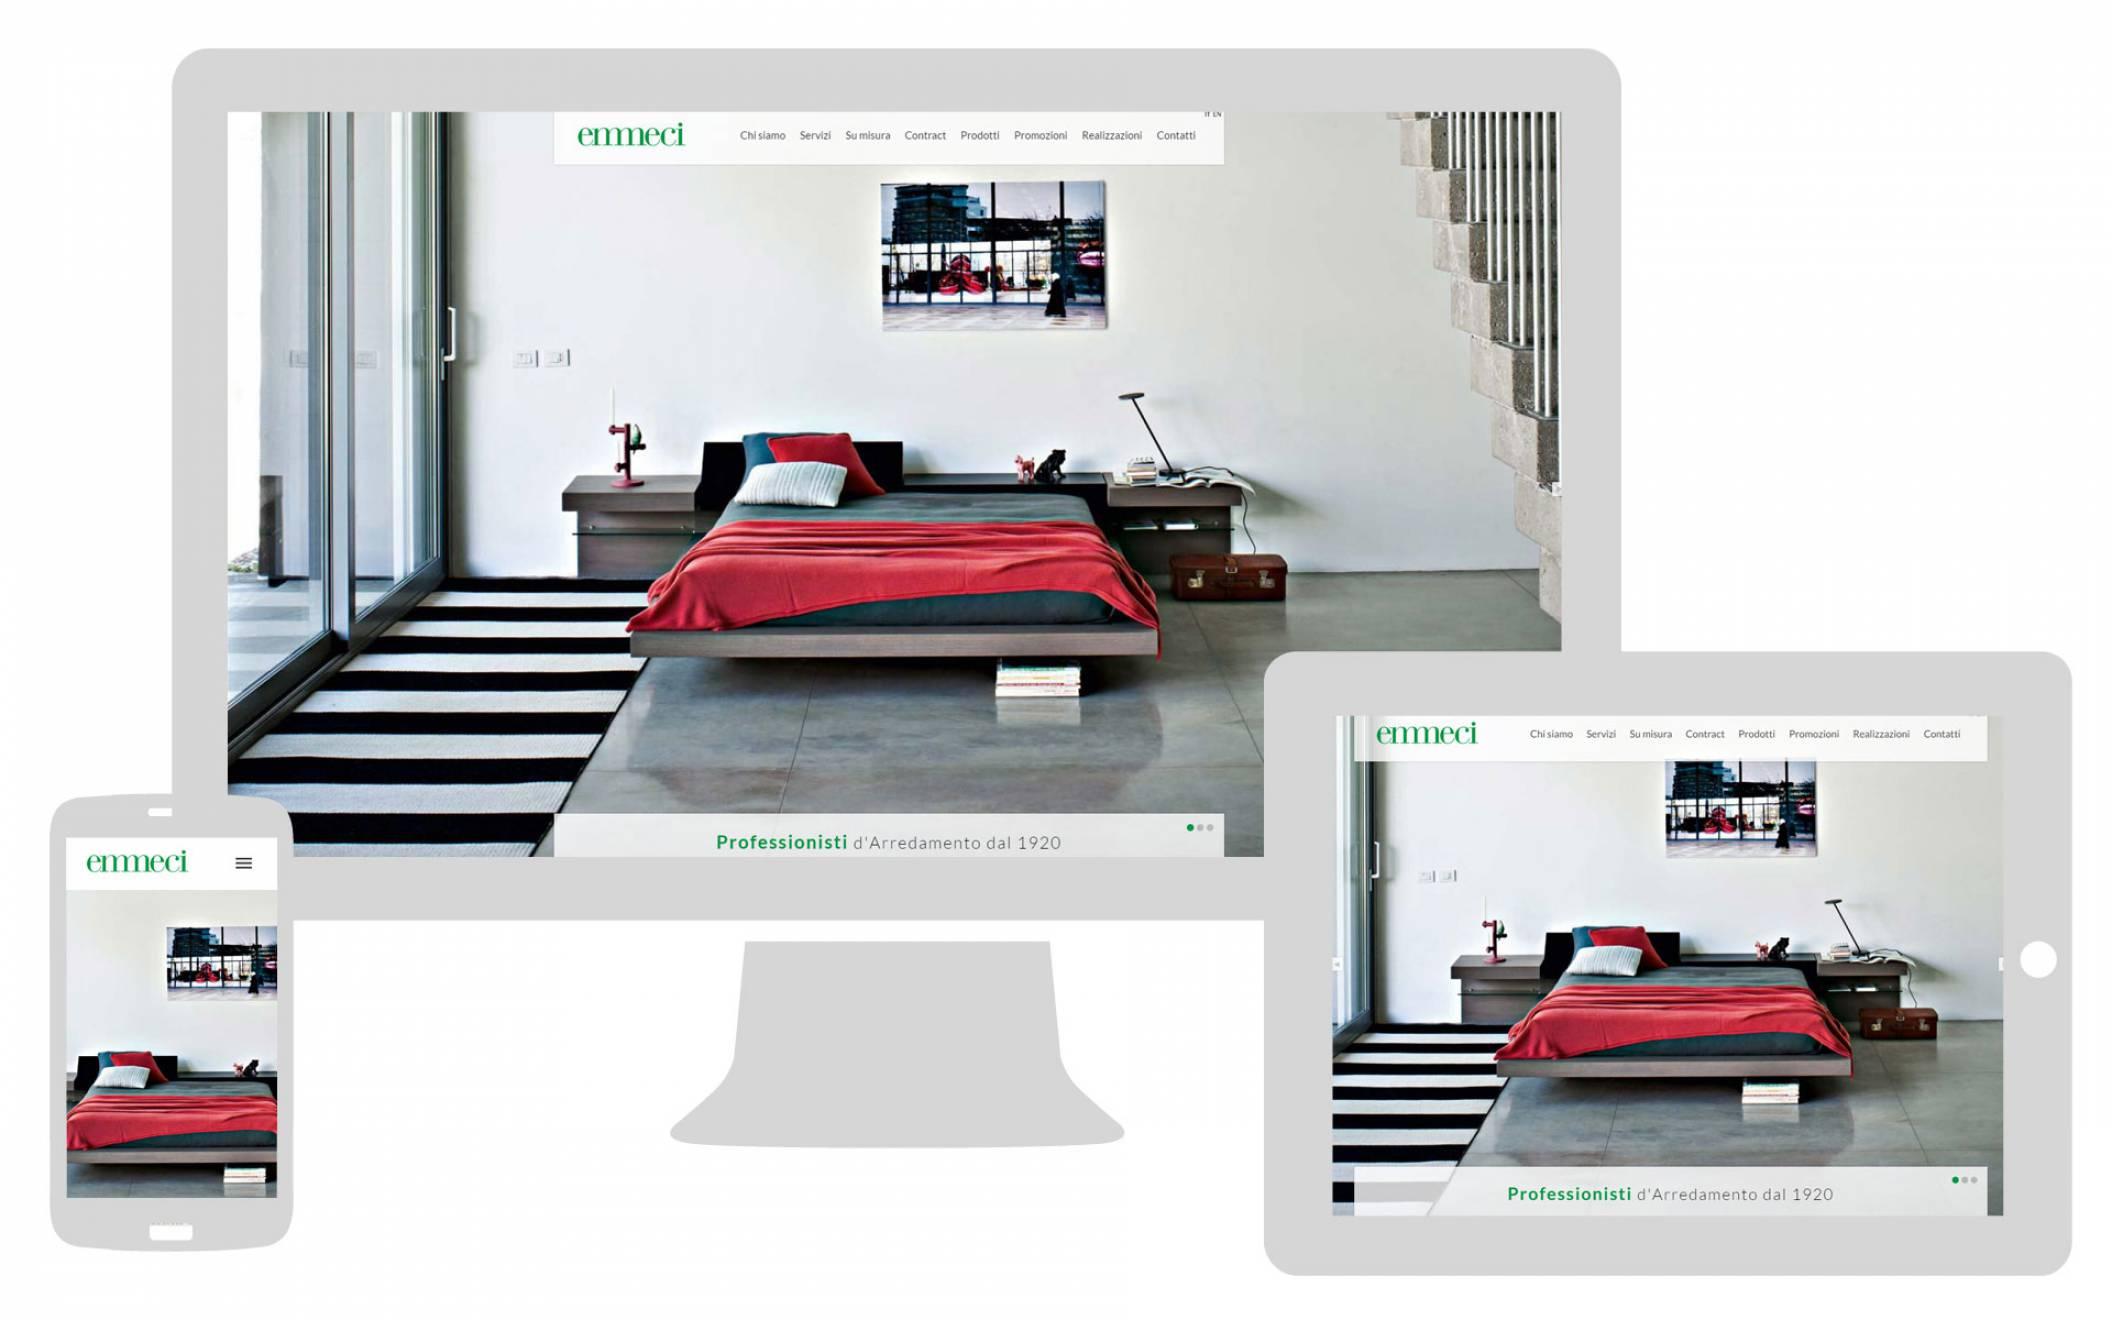 Realizzazione sito internet responsive Emmeci NewVisibility Como